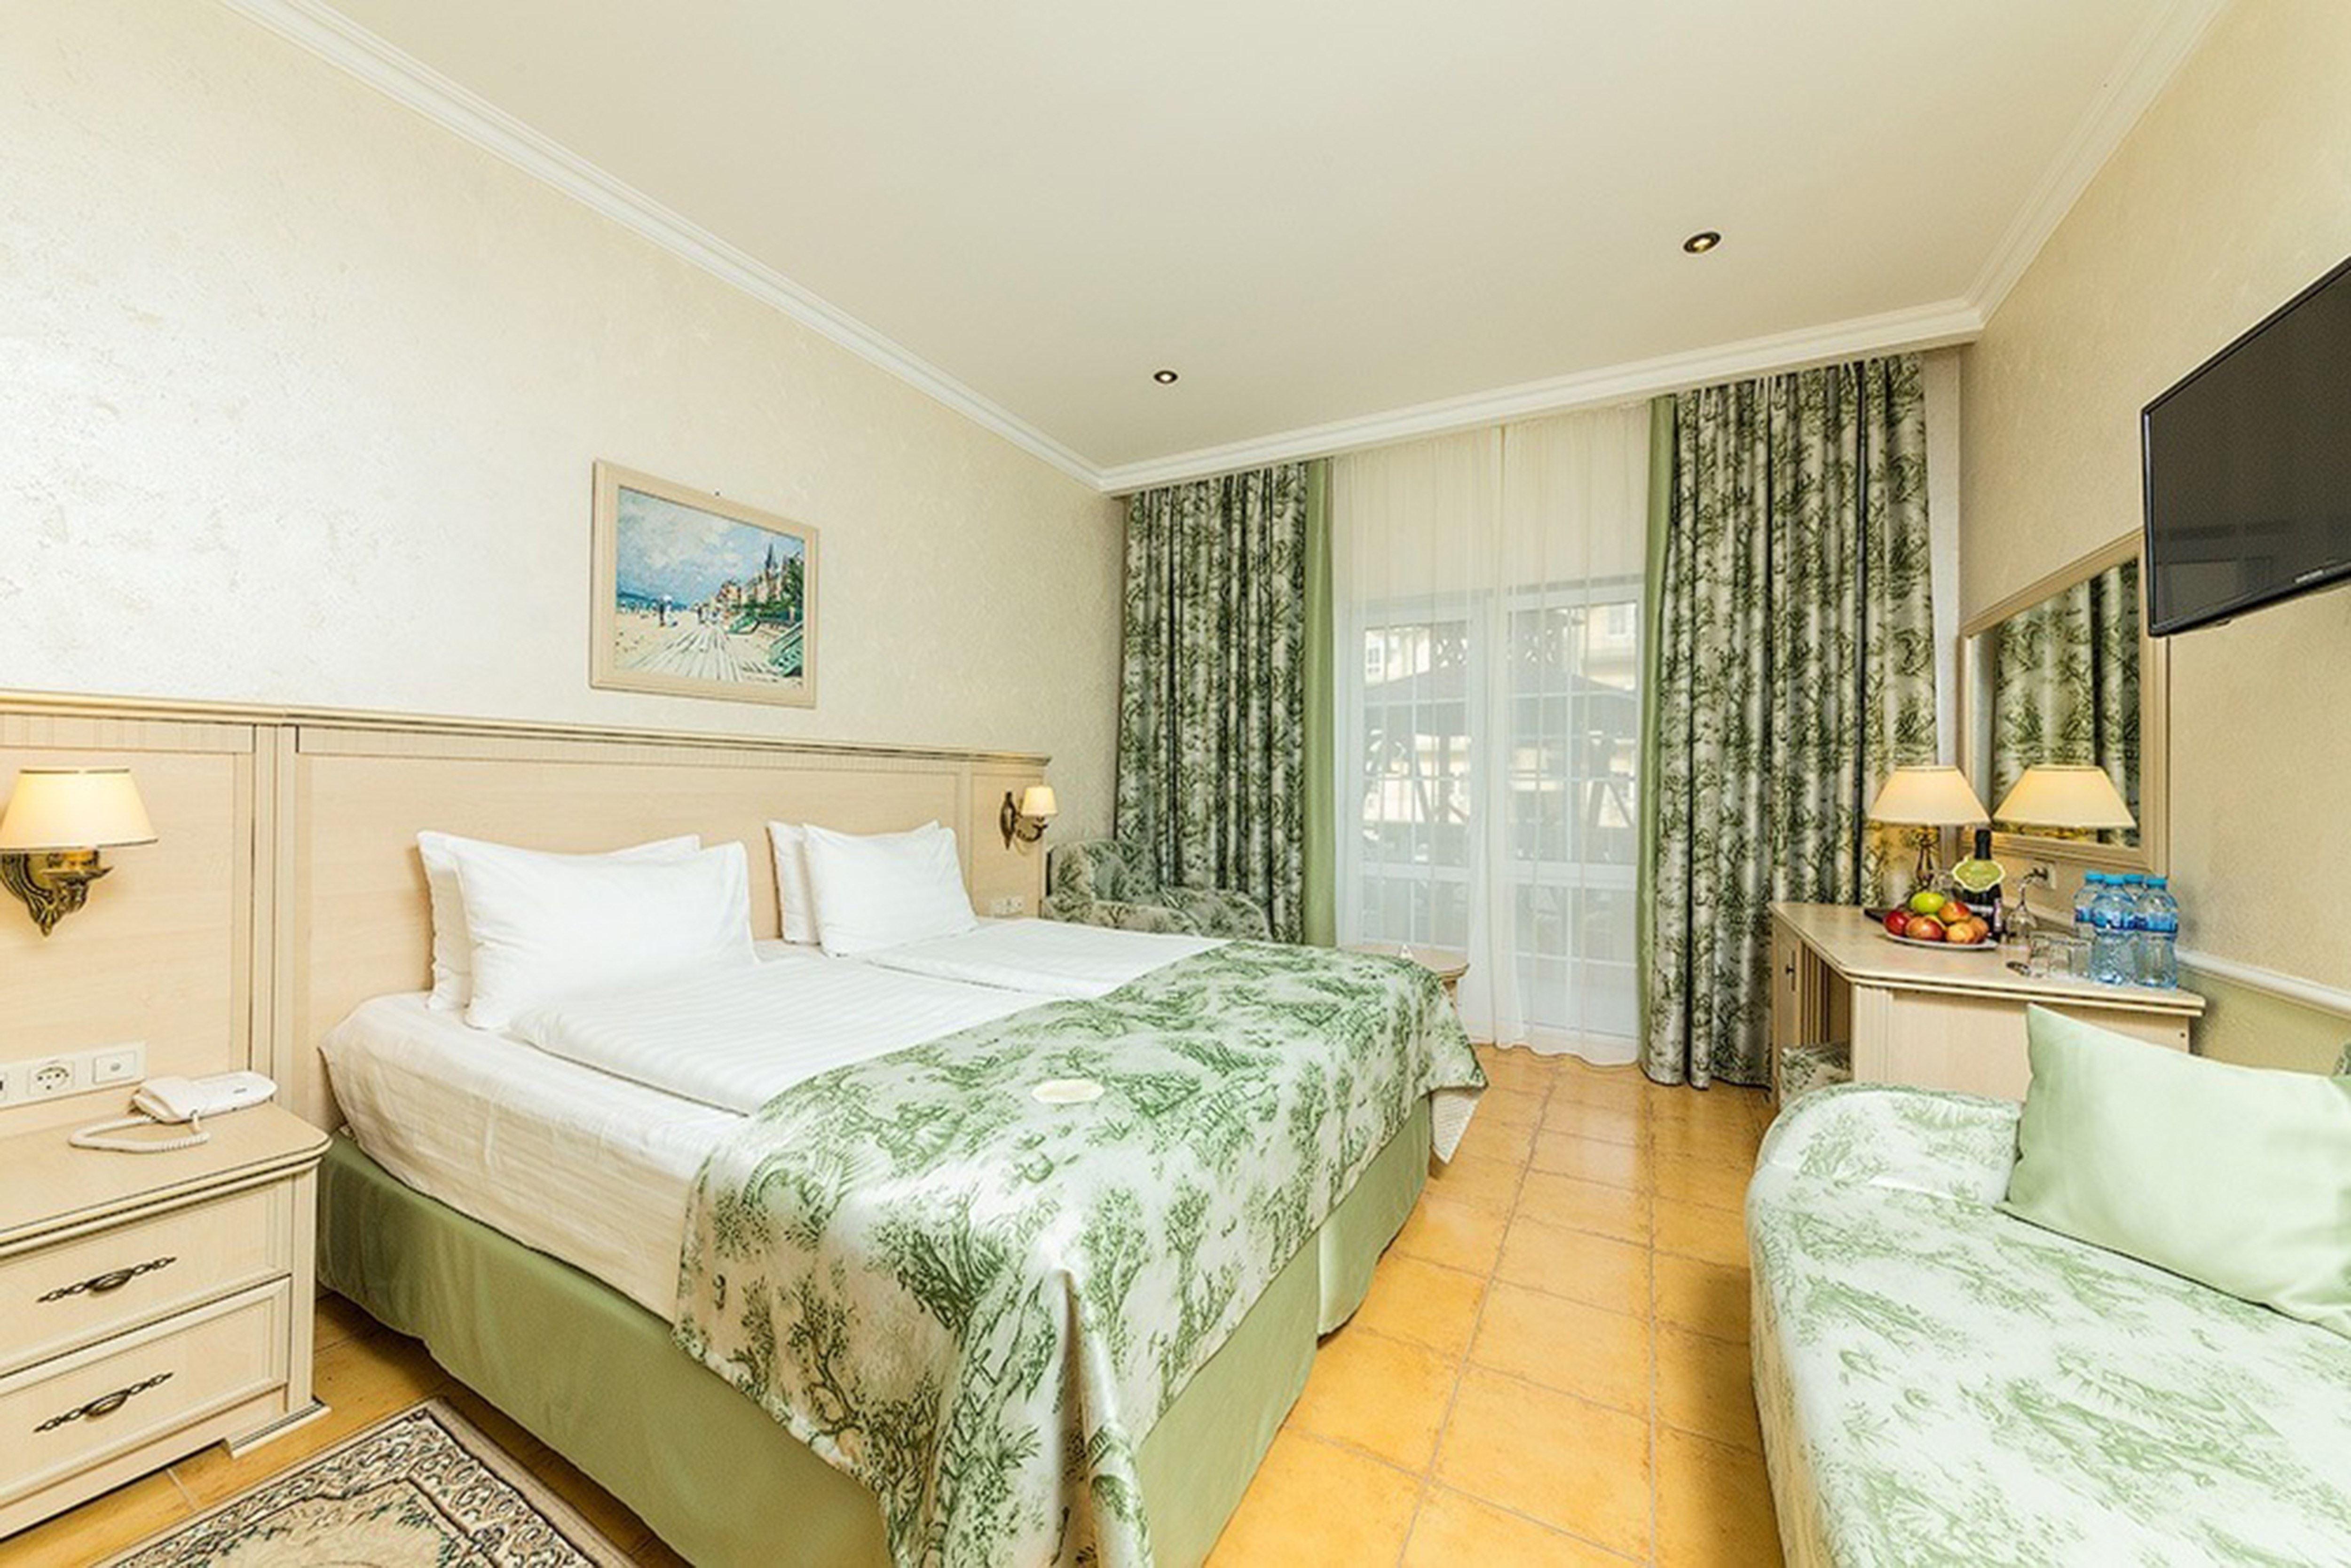 SPA-отель «Довиль» – лучшее место для отдыха в Анапе.